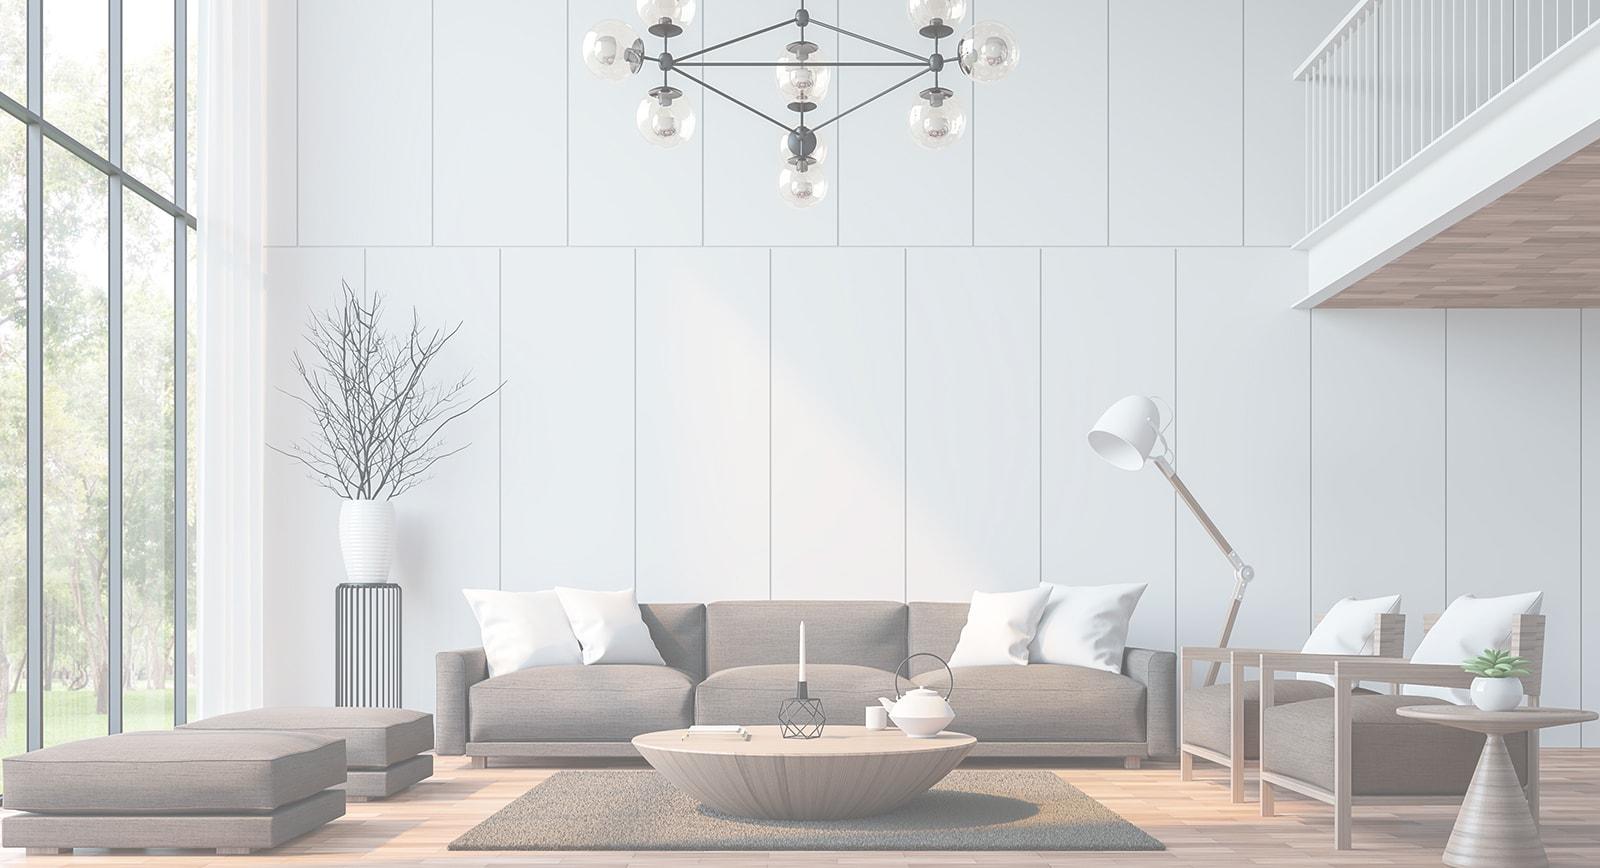 entourage maison pas cher maison vendre laval with entourage maison pas cher diy une tte de. Black Bedroom Furniture Sets. Home Design Ideas